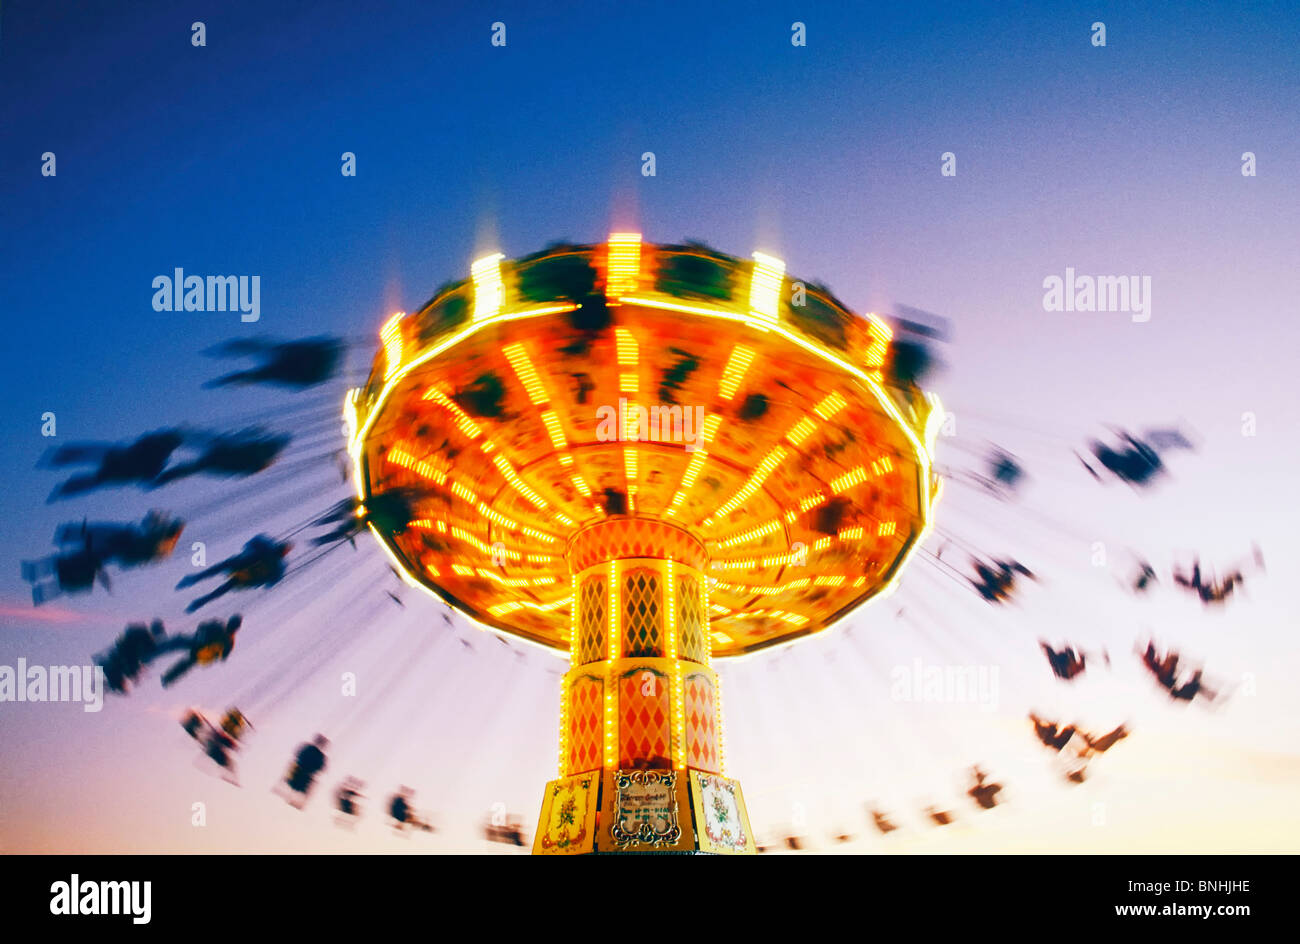 Suecia Estocolmo Merry go round Actividad de acción Amusement amusement park parques de atracciones Carrusel Imagen De Stock